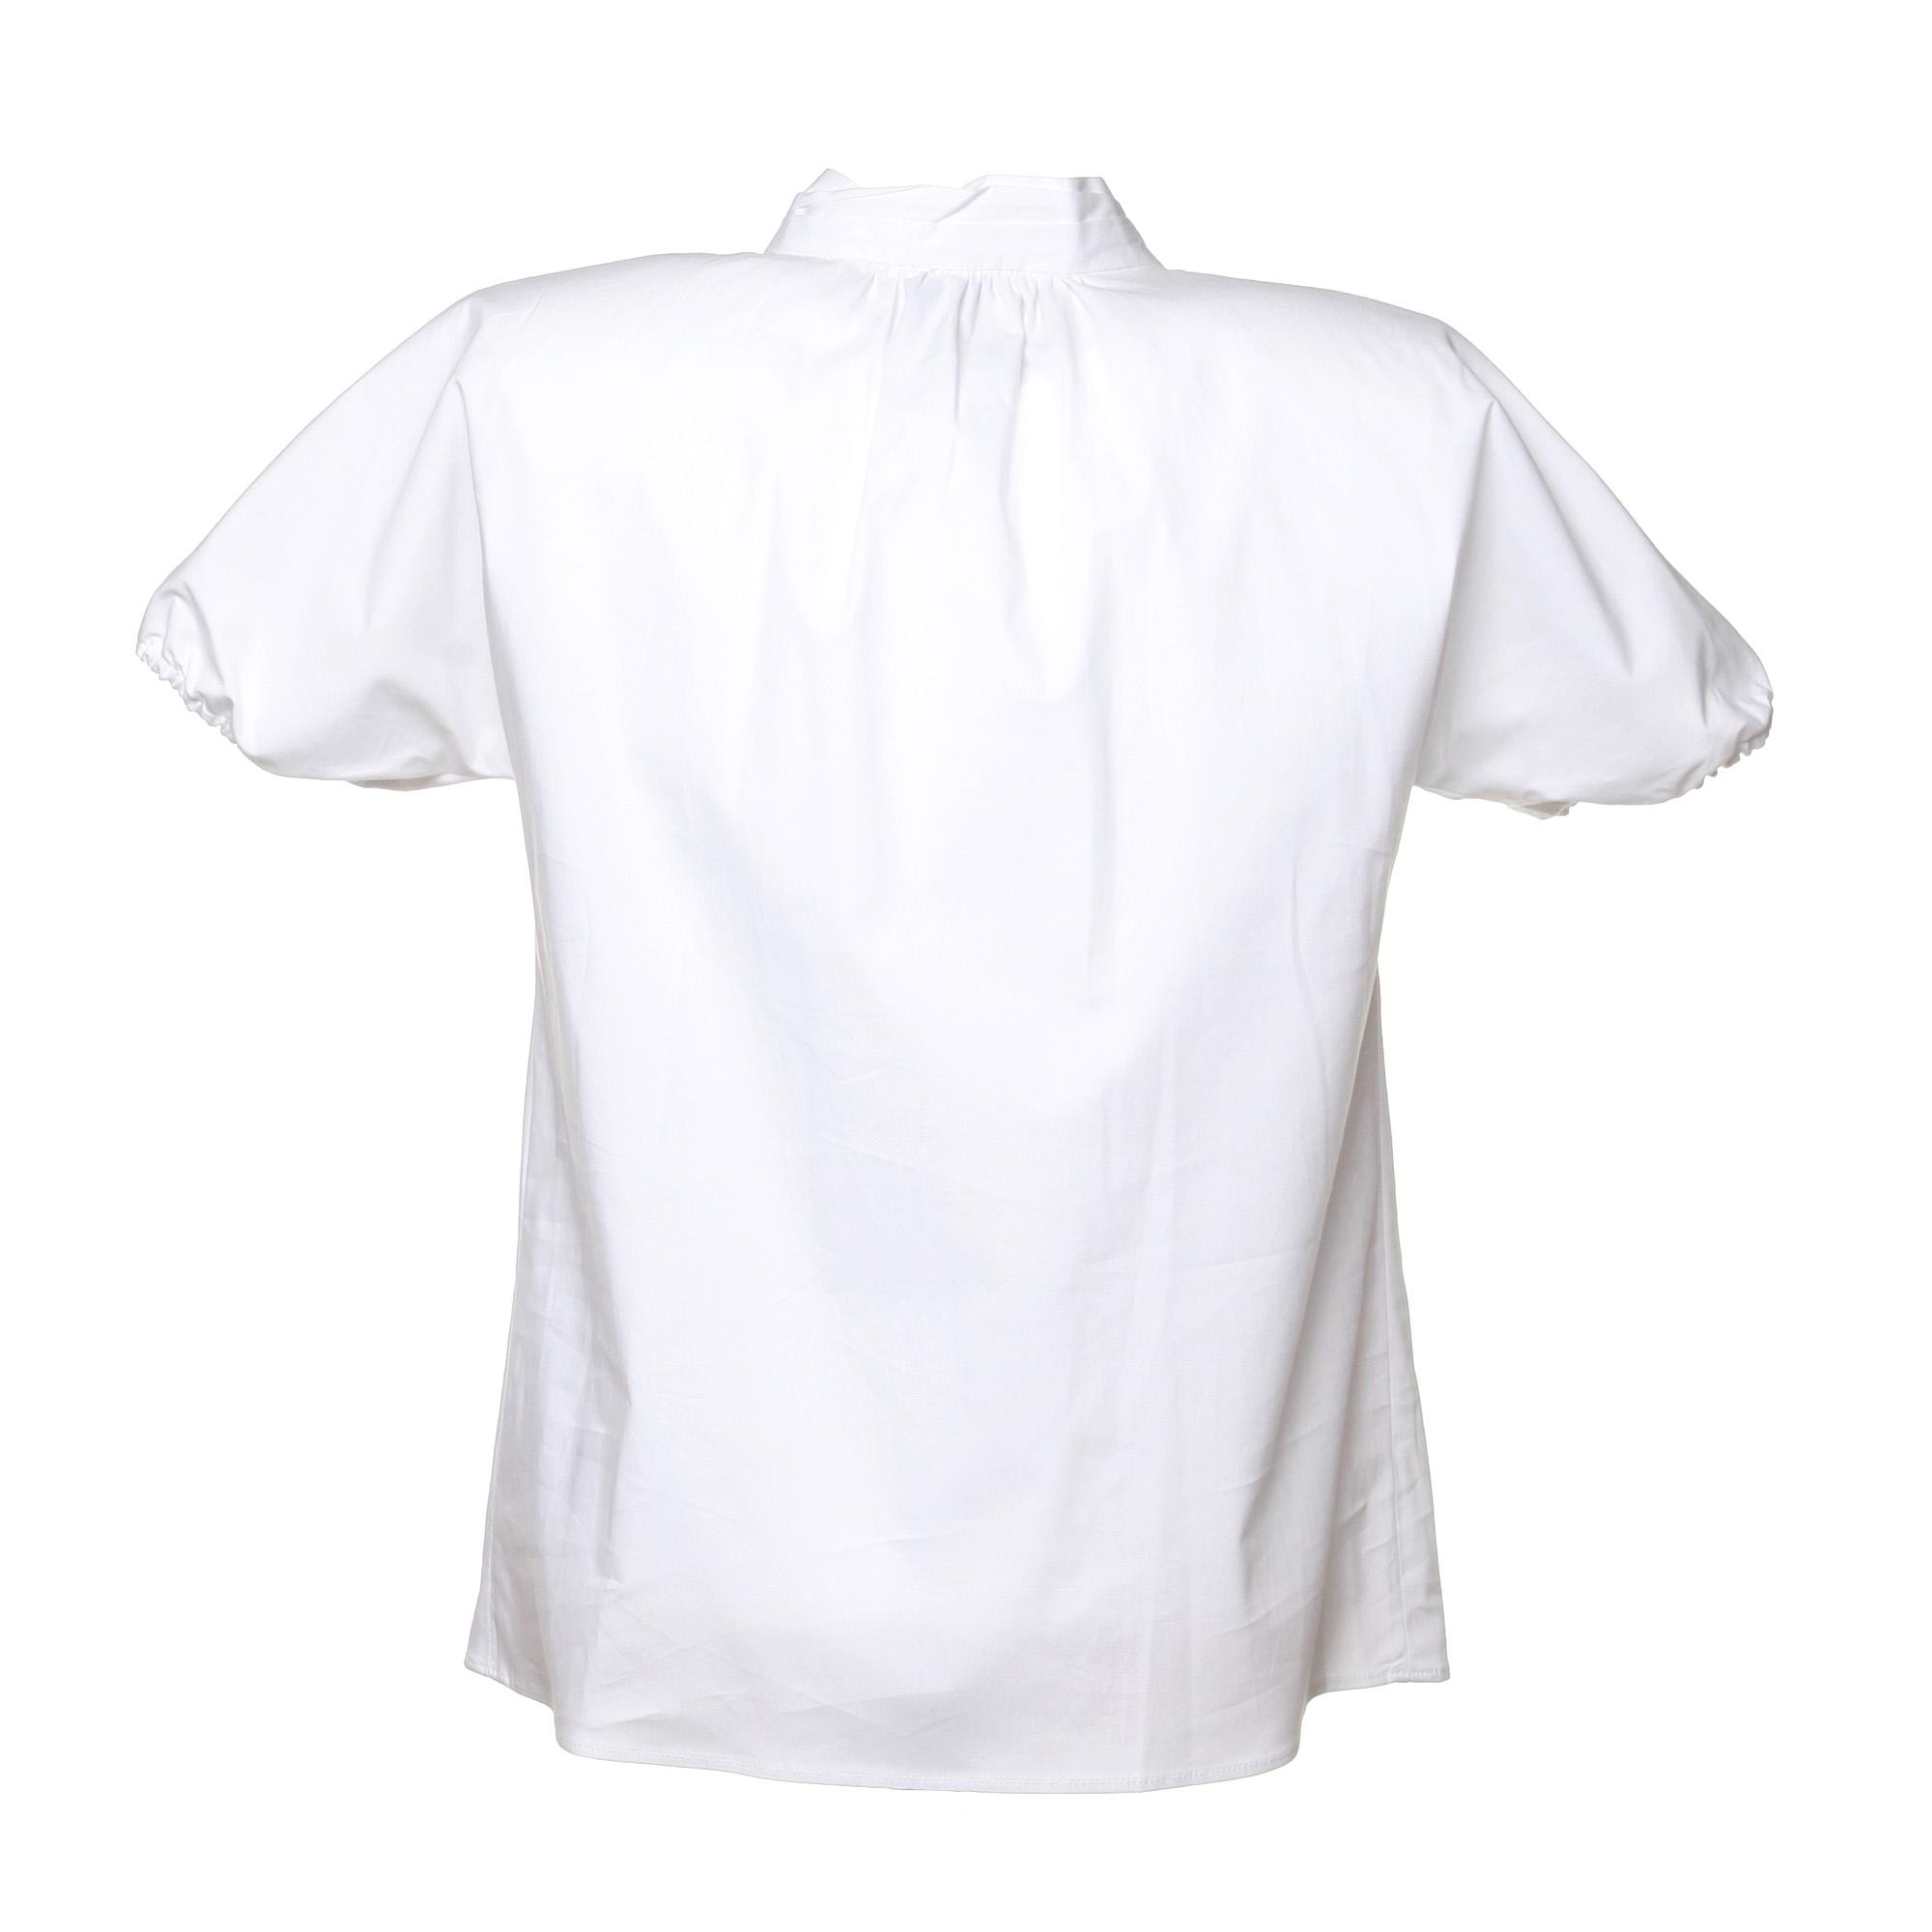 brand new feb79 d92f8 Camicia Bianca Con Fiocco Al Collo